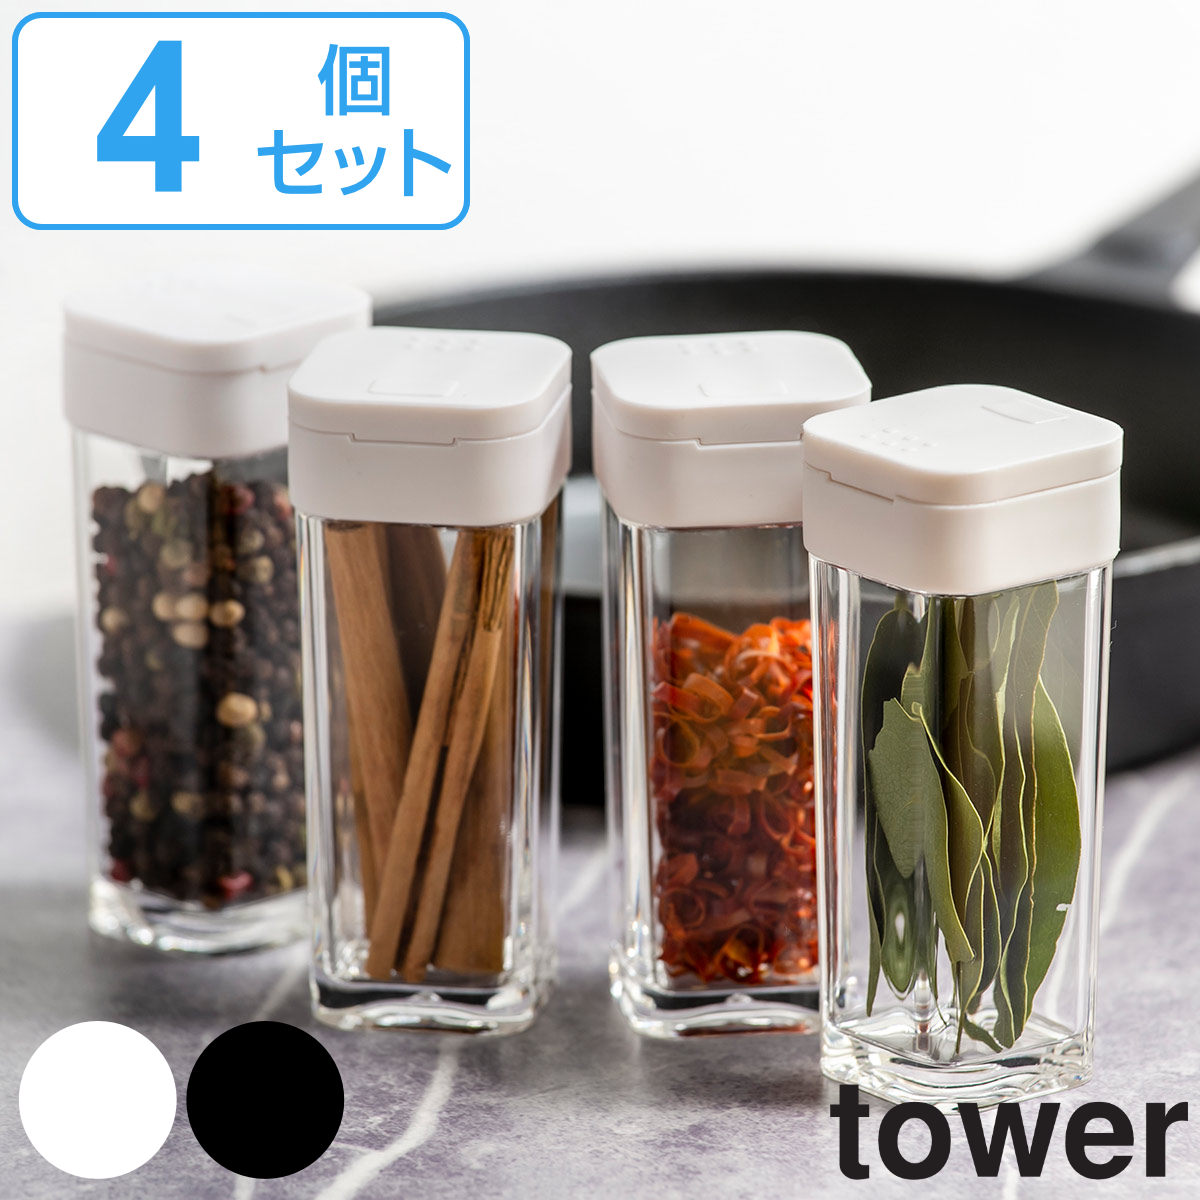 調味料入れ スパイスボトル タワー tower 山崎実業 4個セット ( 調味料ボトル 調味料容器 調味料ケース )